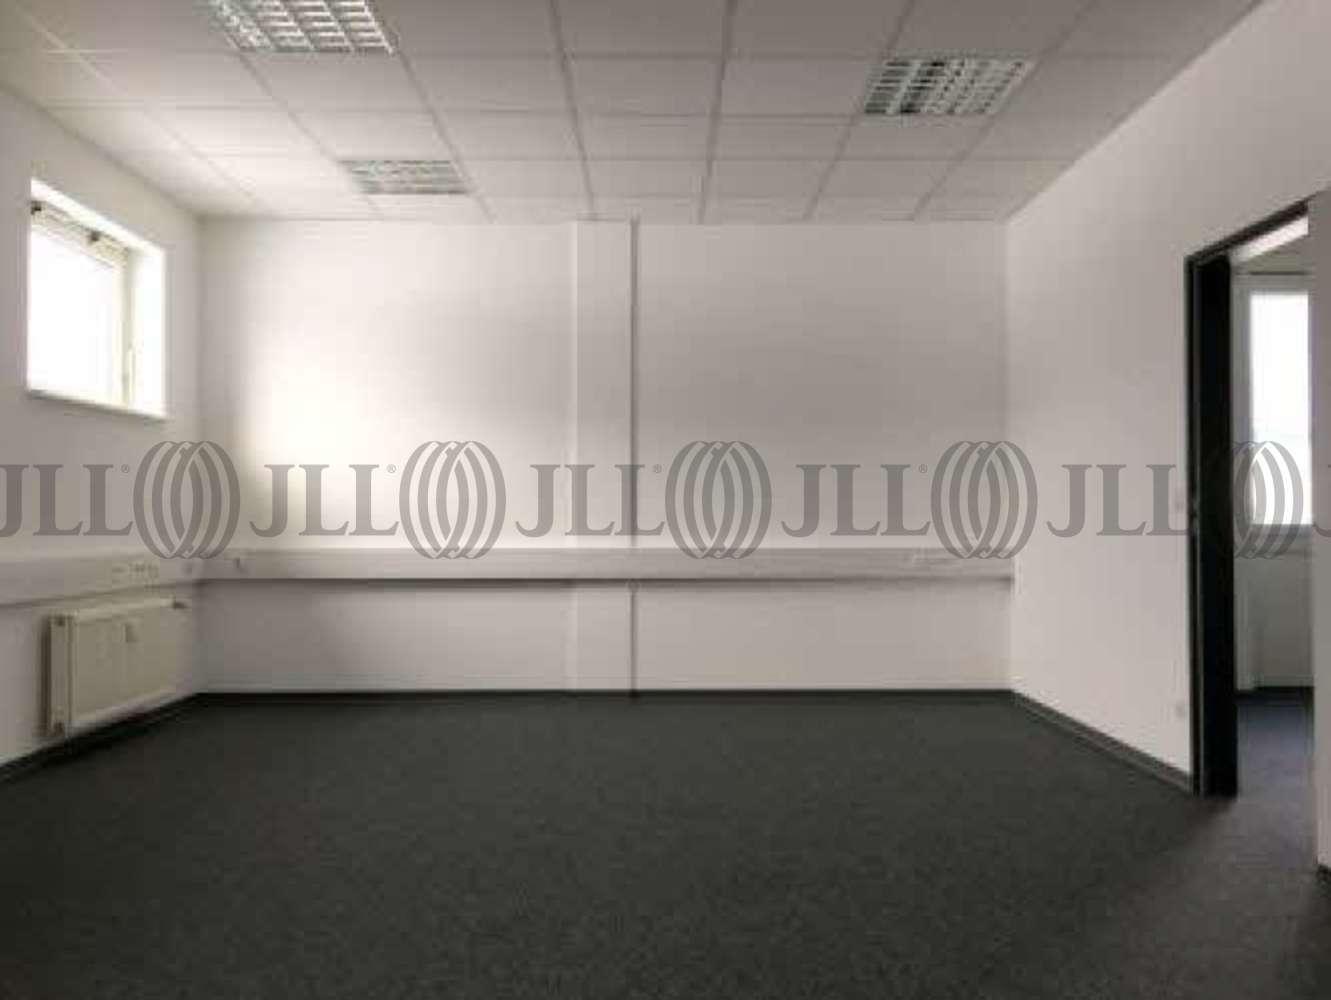 Büros Langenhagen, 30855 - Büro - Langenhagen, Godshorn - H1079 - 9410525